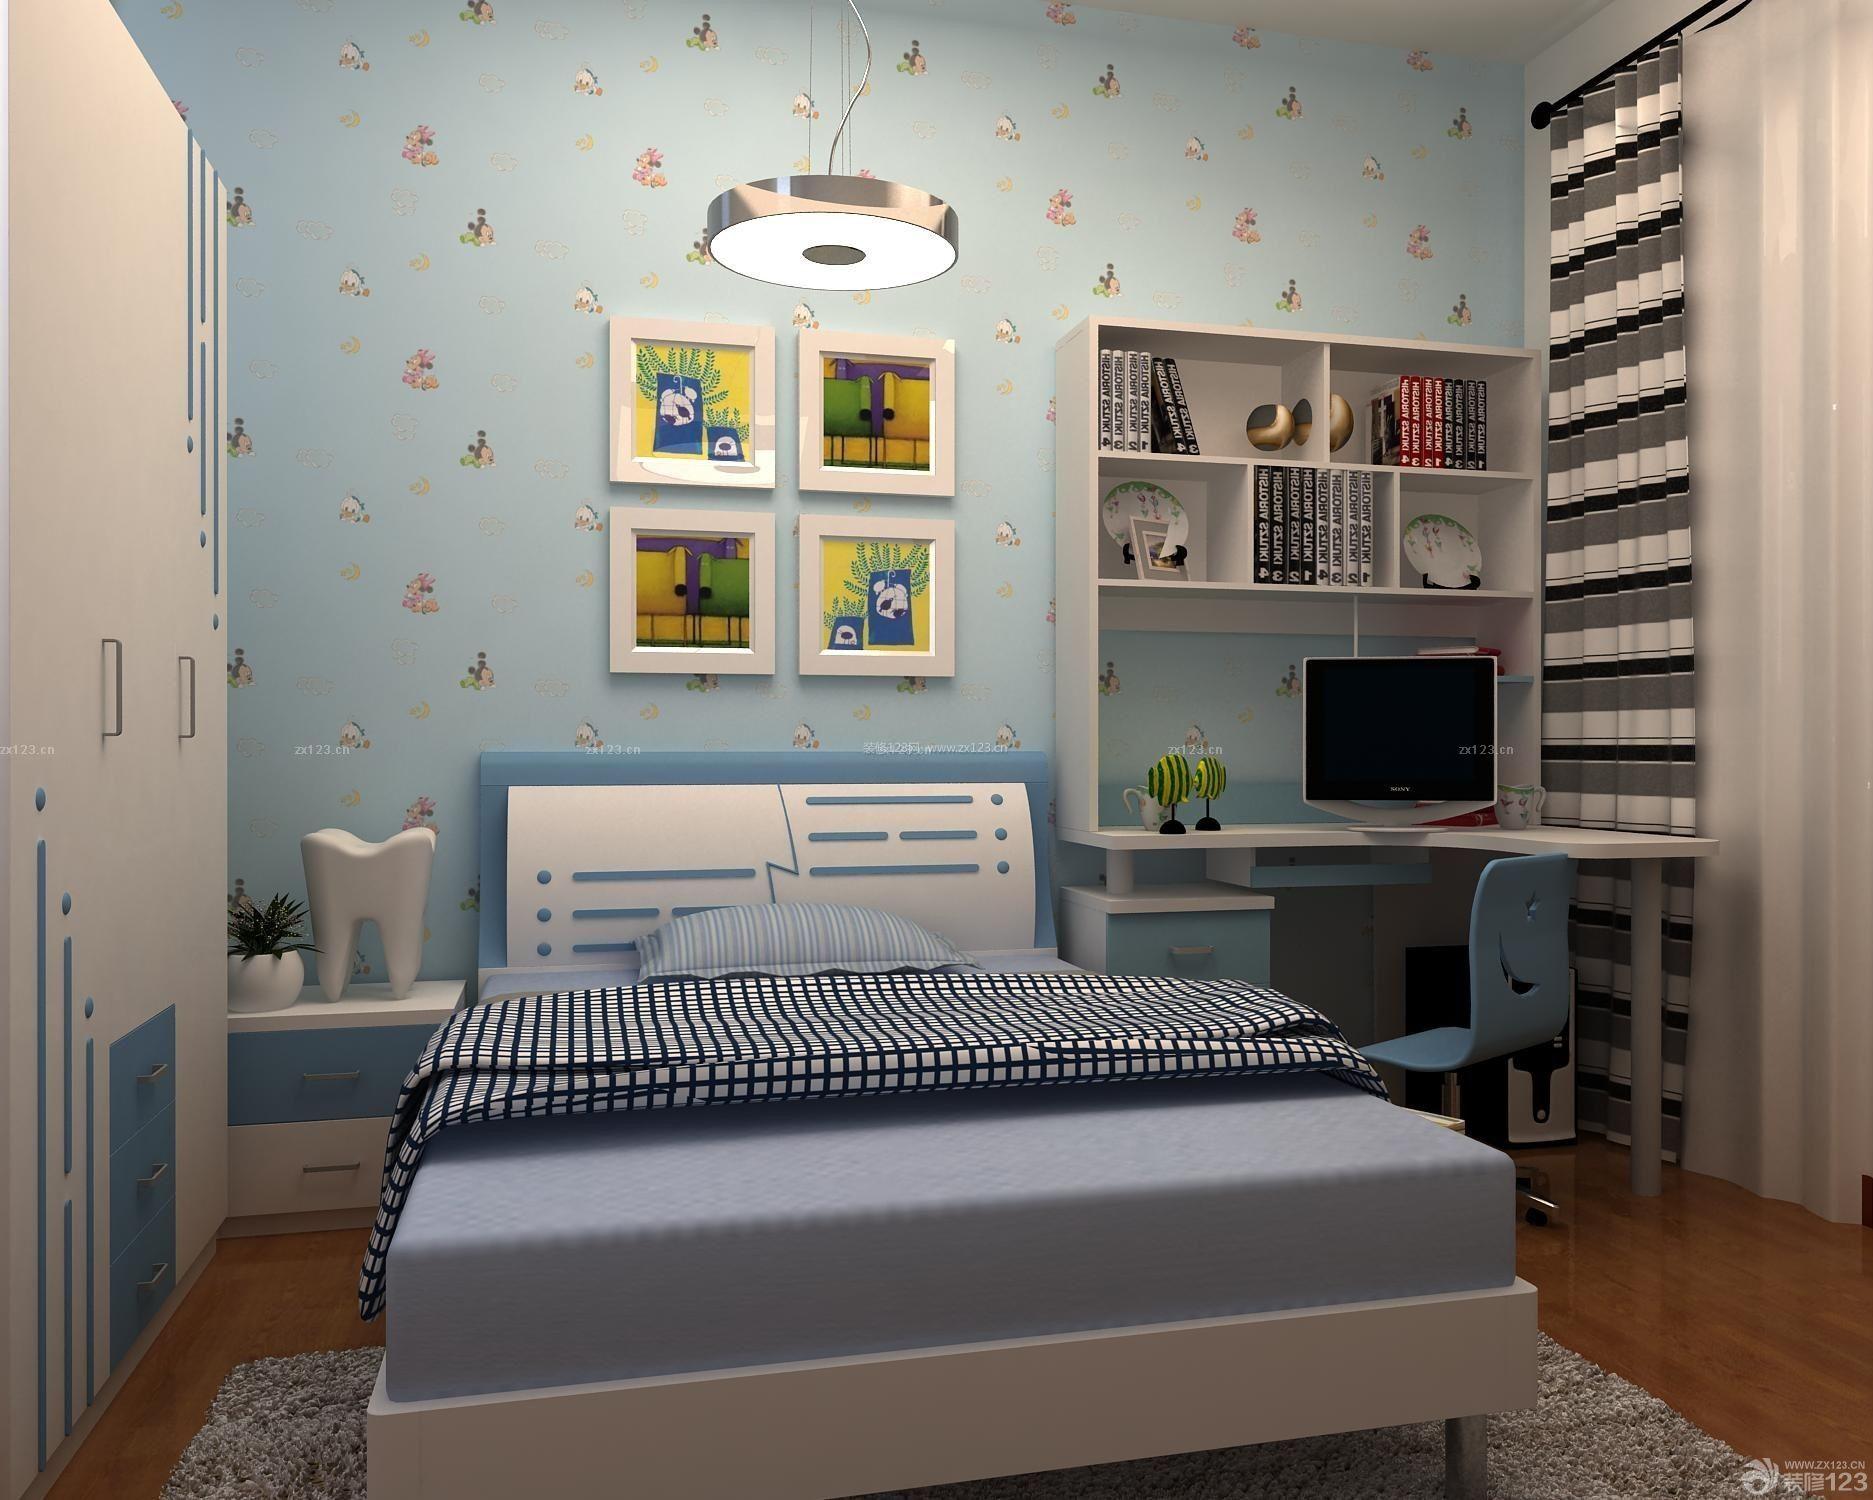 背景墙 房间 家居 起居室 设计 书房 卧室 卧室装修 现代 装修 1873